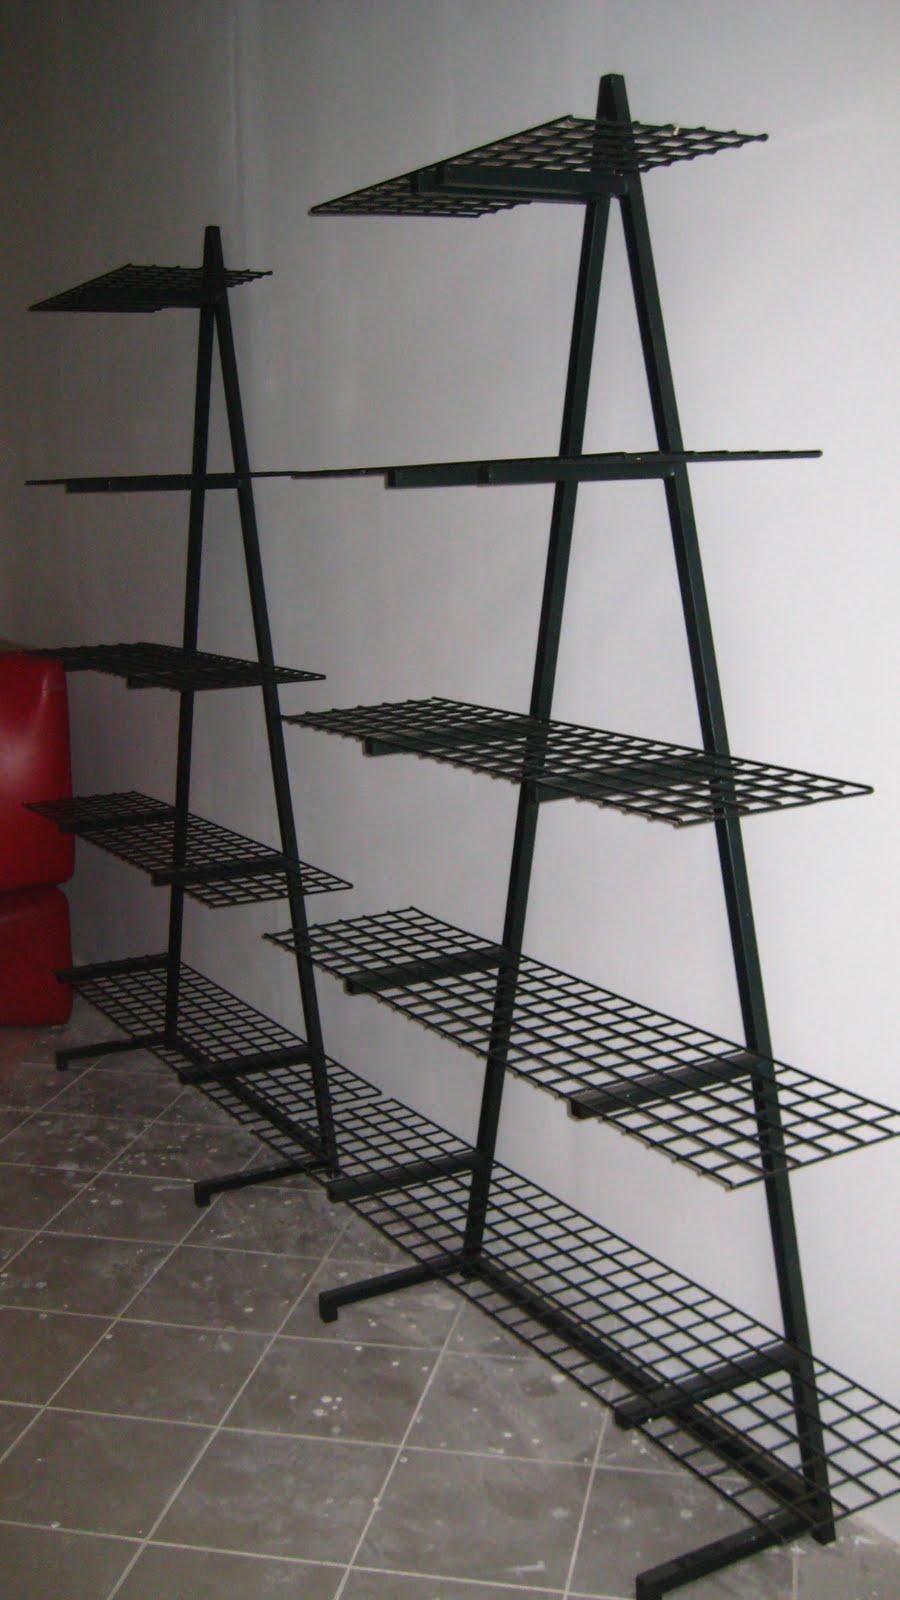 Mobili coppia di librerie in ferro - Mobili in ferro ...